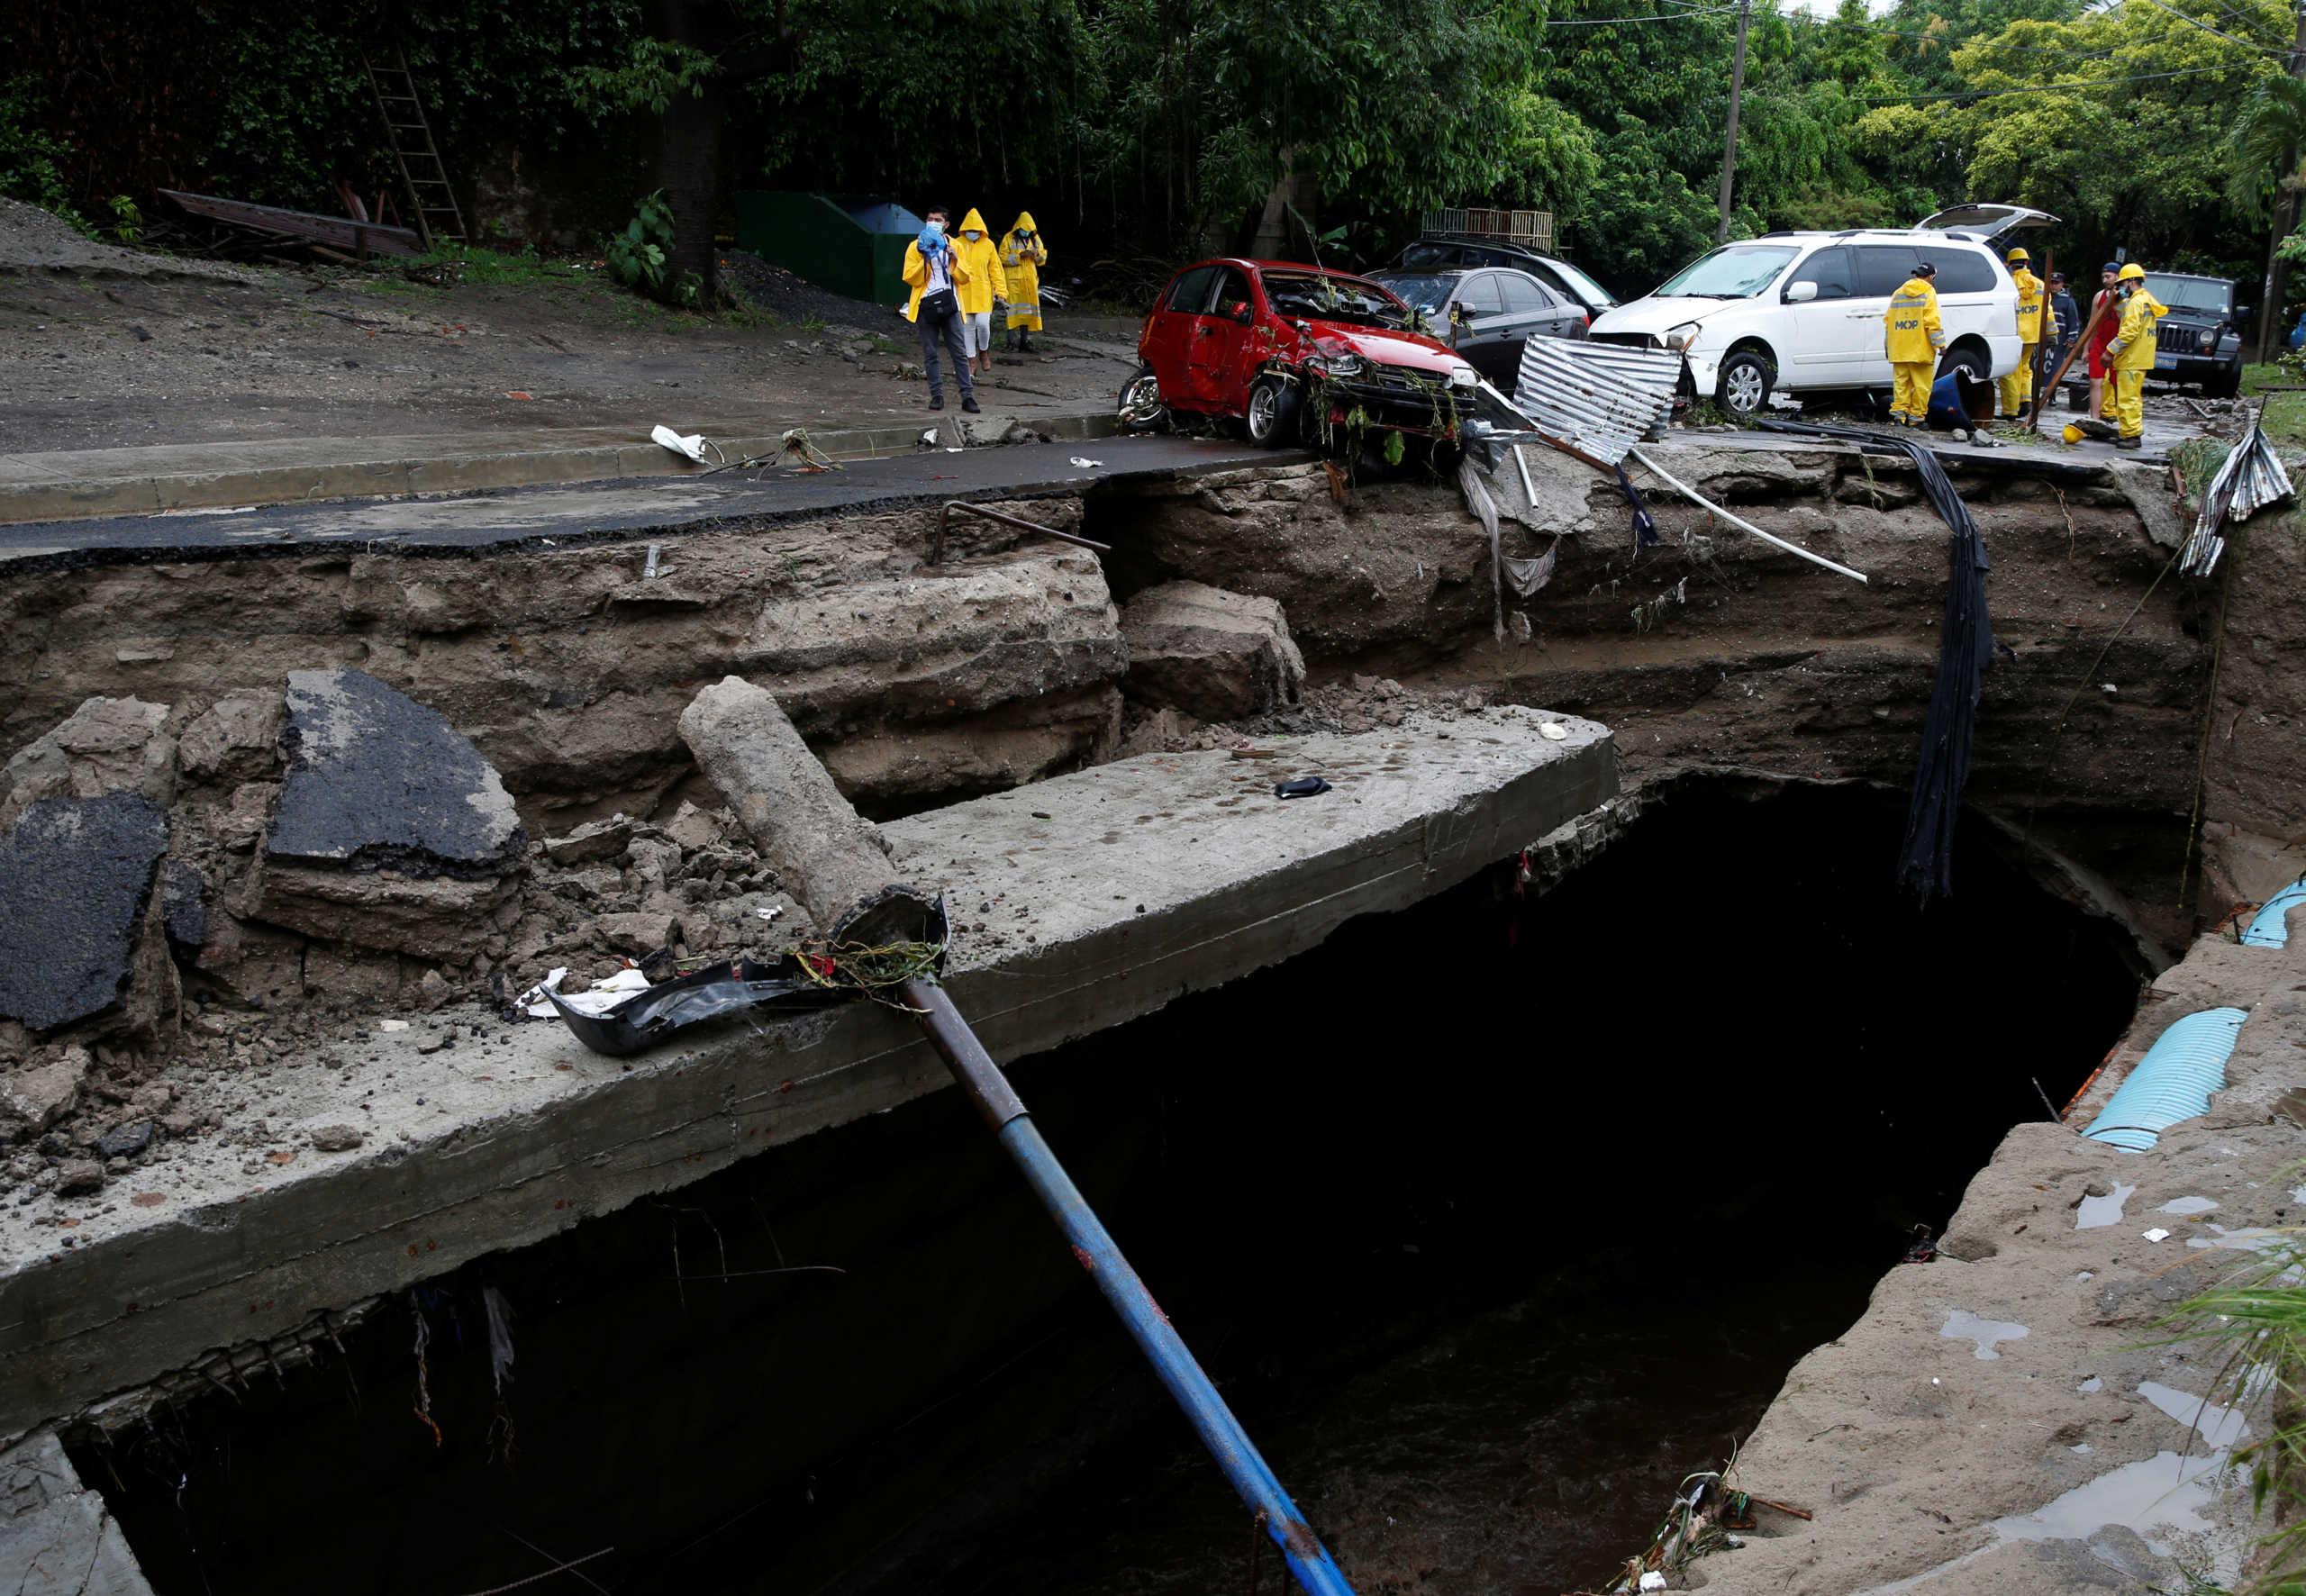 Έχουν τον κορονοϊό, έχουν και… την Αμάντα! 10 νεκροί στο Ελ Σαλβαδόρ από την τροπική καταιγίδα (pics)